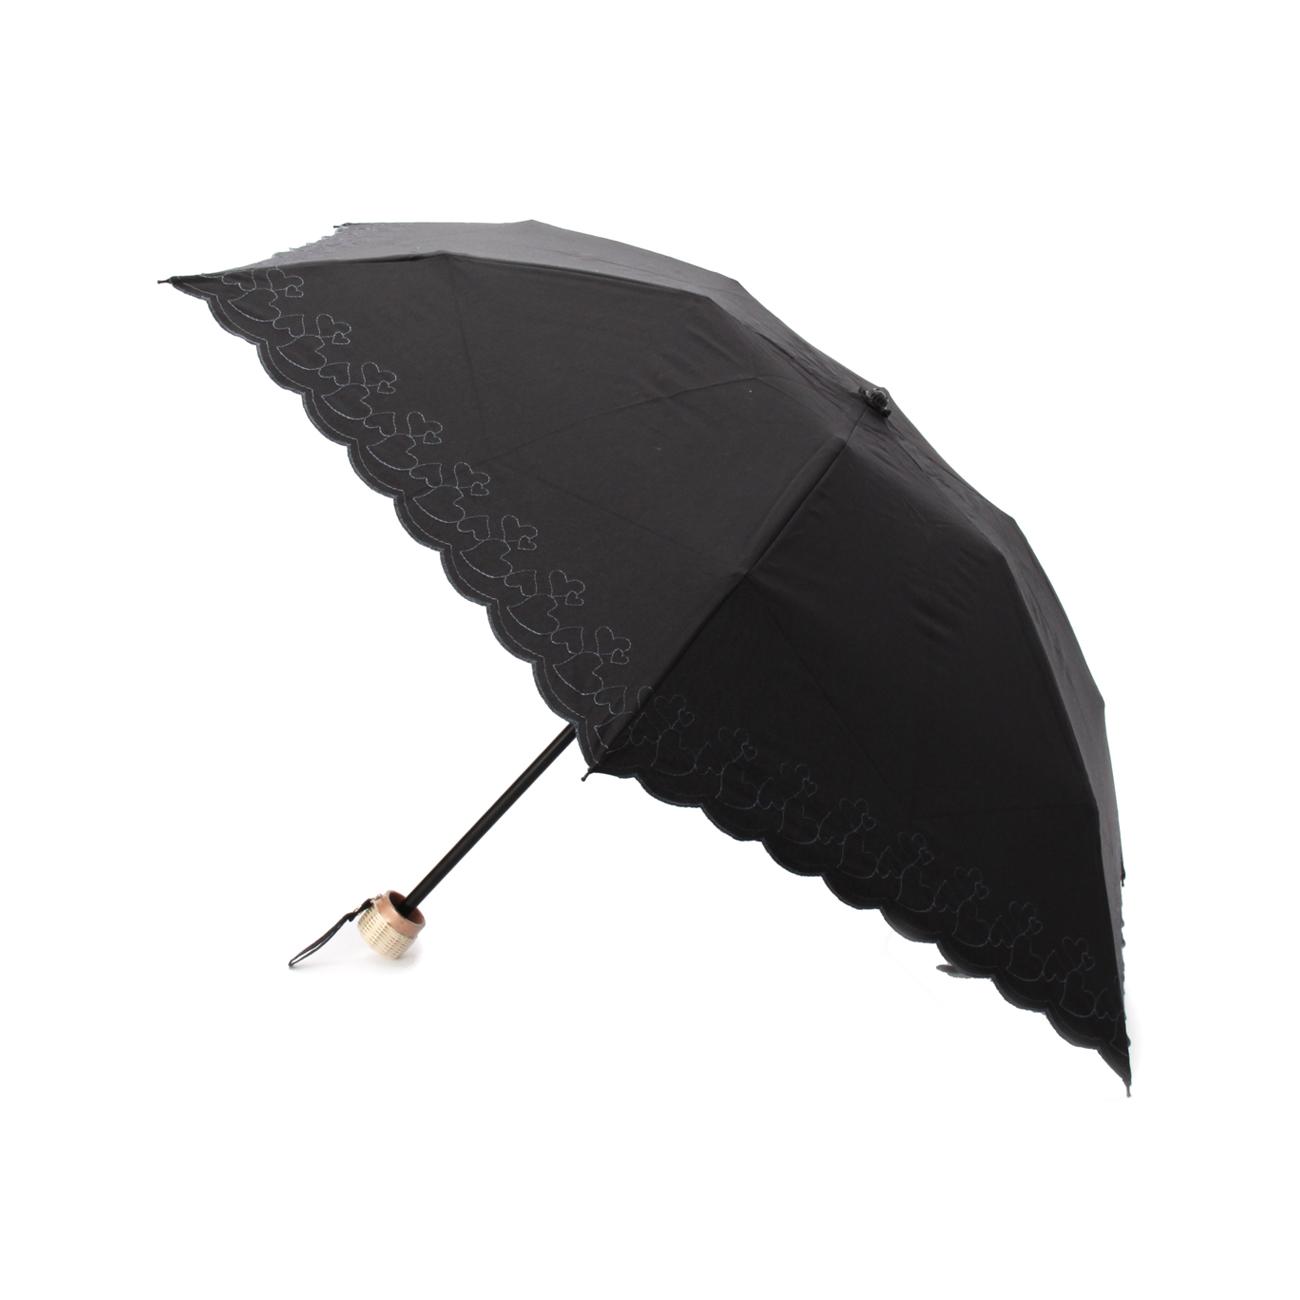 【grove (グローブ)】ハート刺繍ミニパラソルレディース 雑貨 折り畳み傘 ブラック